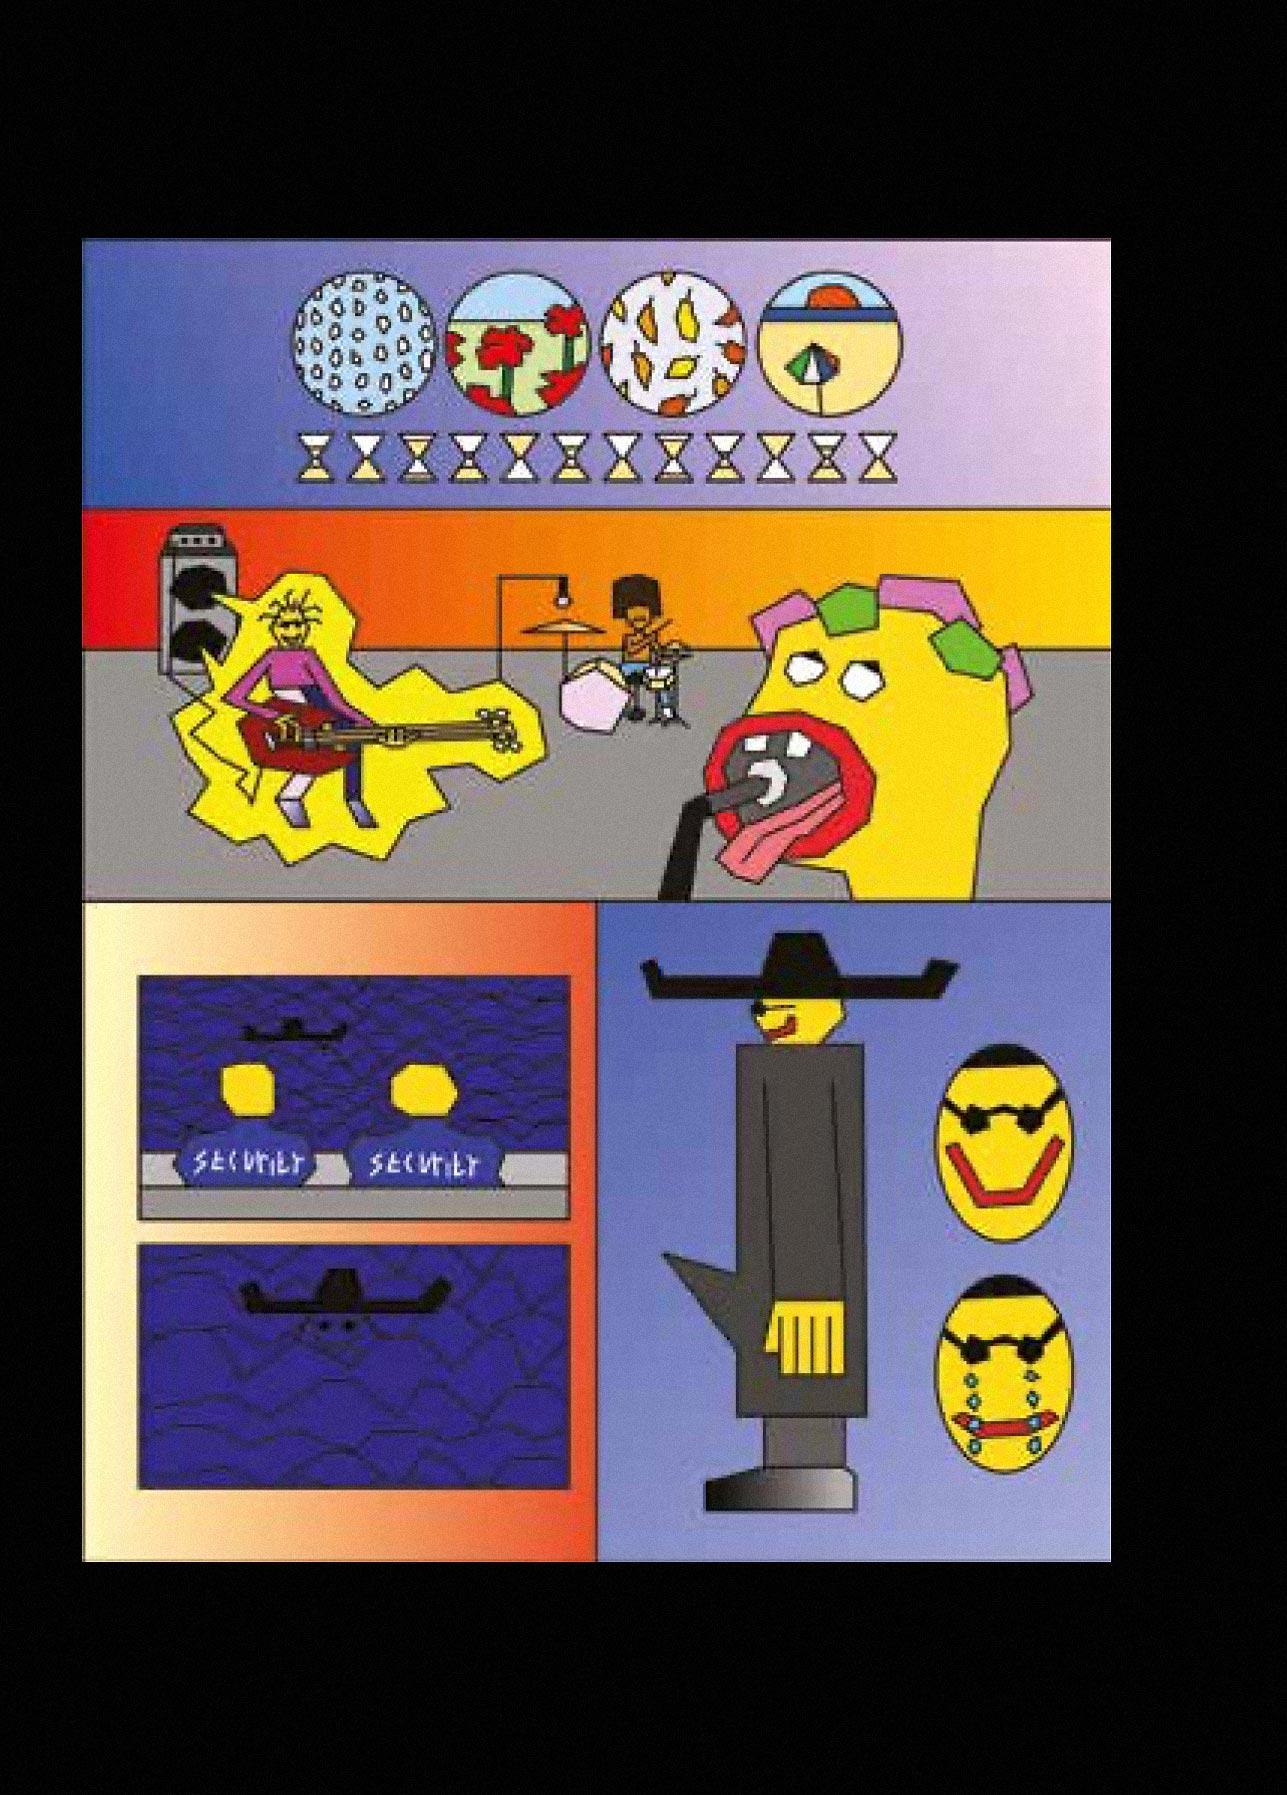 gon18 4 - <b>«Колония муравьев», Джо Сакко и шутки создательницы «Коня БоДжека»</b> – обзор комиксов от Катерины Сергацковой - Заборона